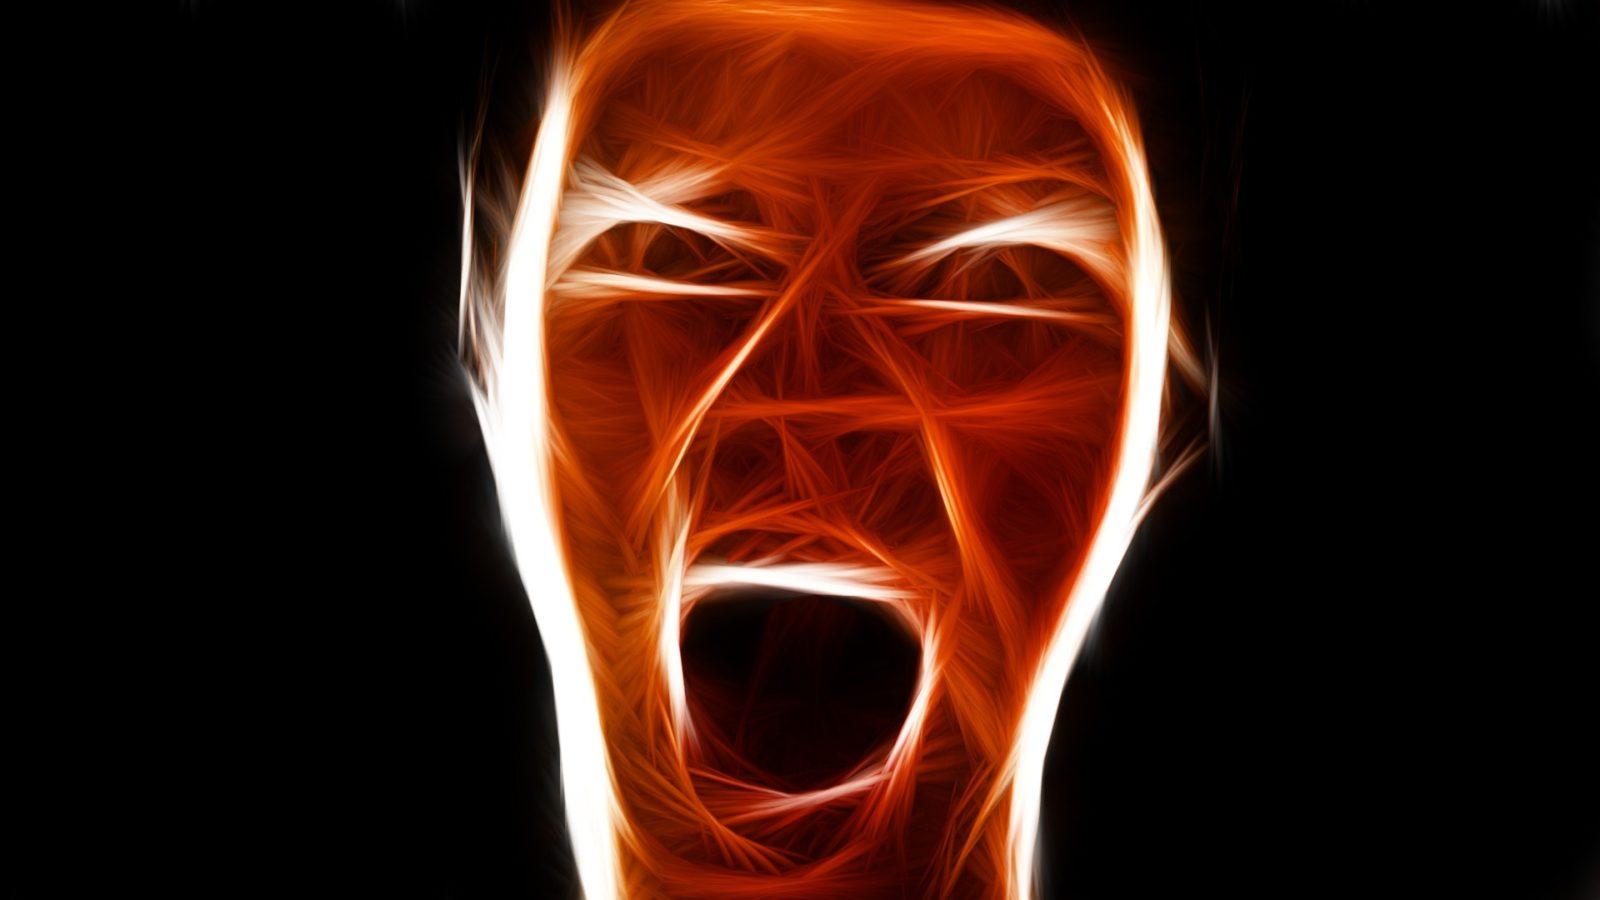 anger-794697